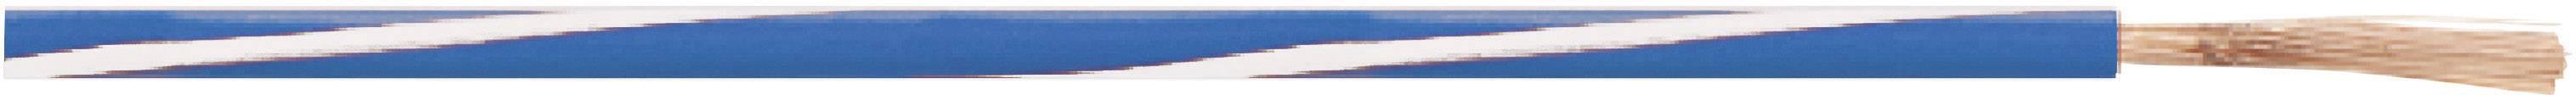 Opletenie / lanko LappKabel 4512343S X05V-K, 1 x 1 mm², vonkajší Ø 2.60 mm, metrový tovar, zelená, biela